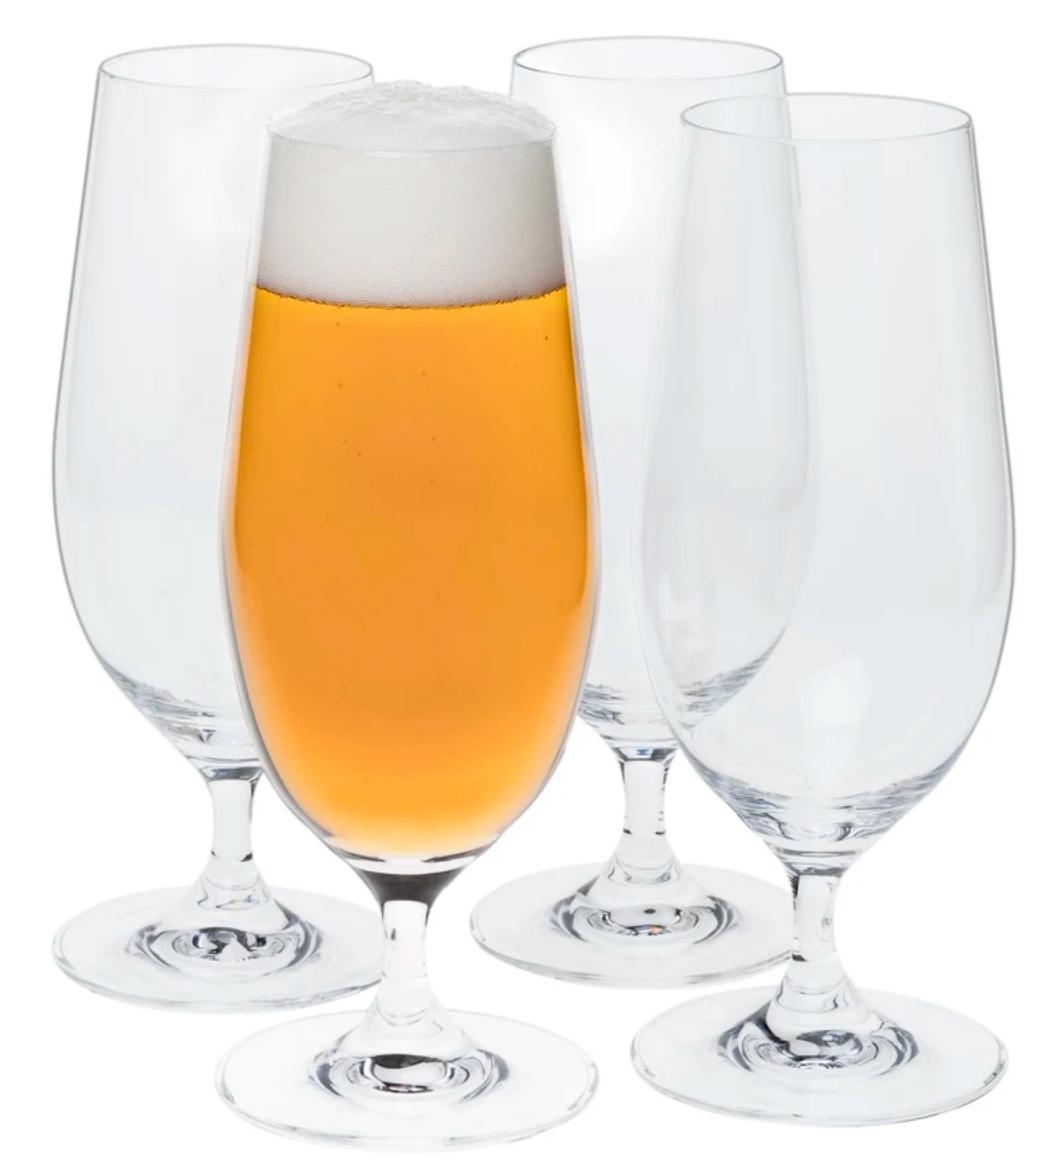 Ölglas från Scandi Living